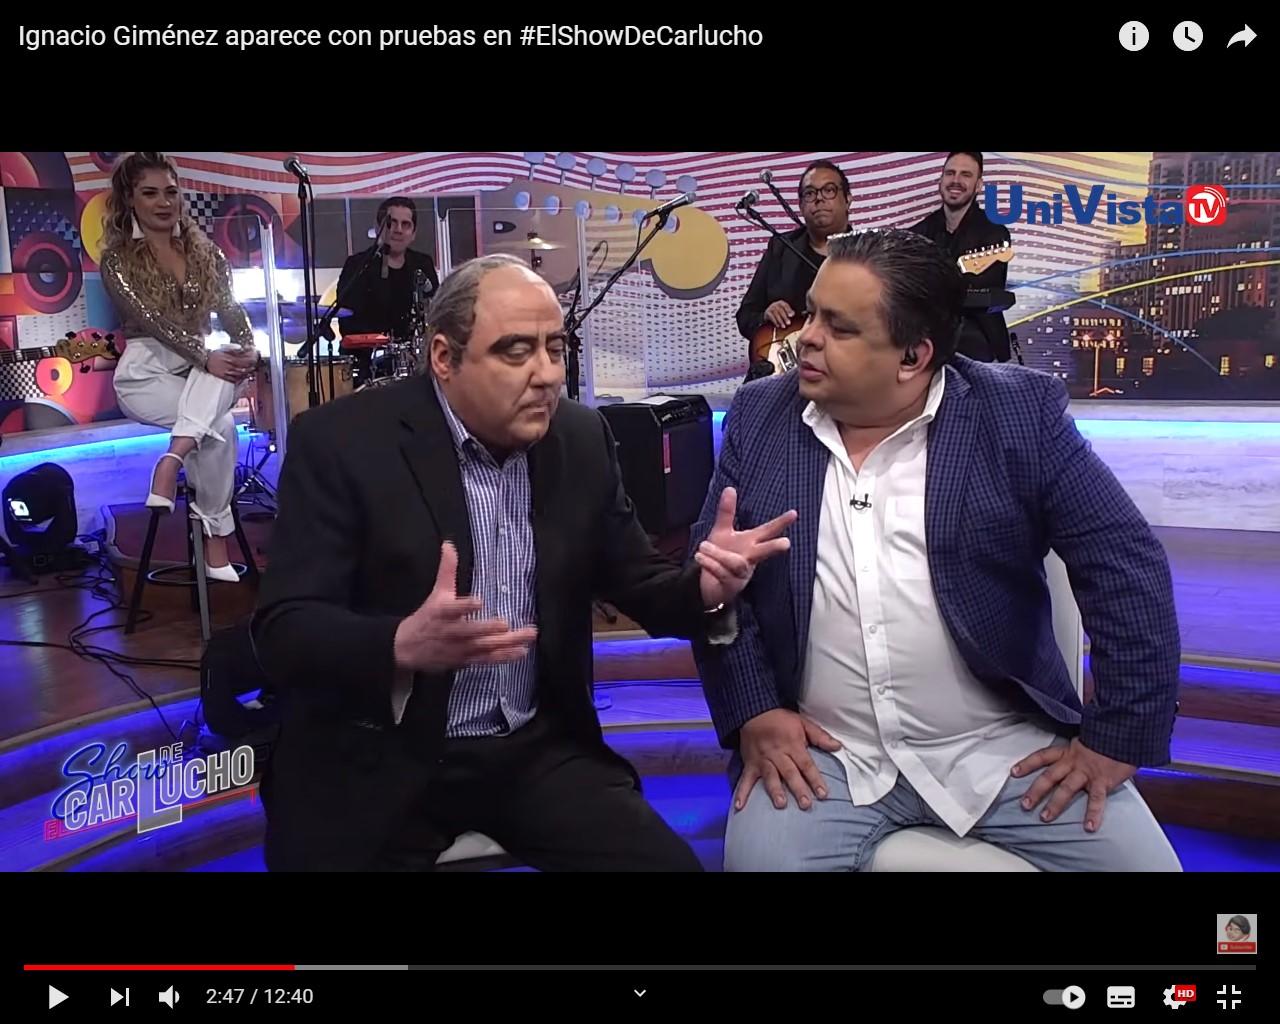 Ignacio Giménez dice a Carlucho que tiene pruebas